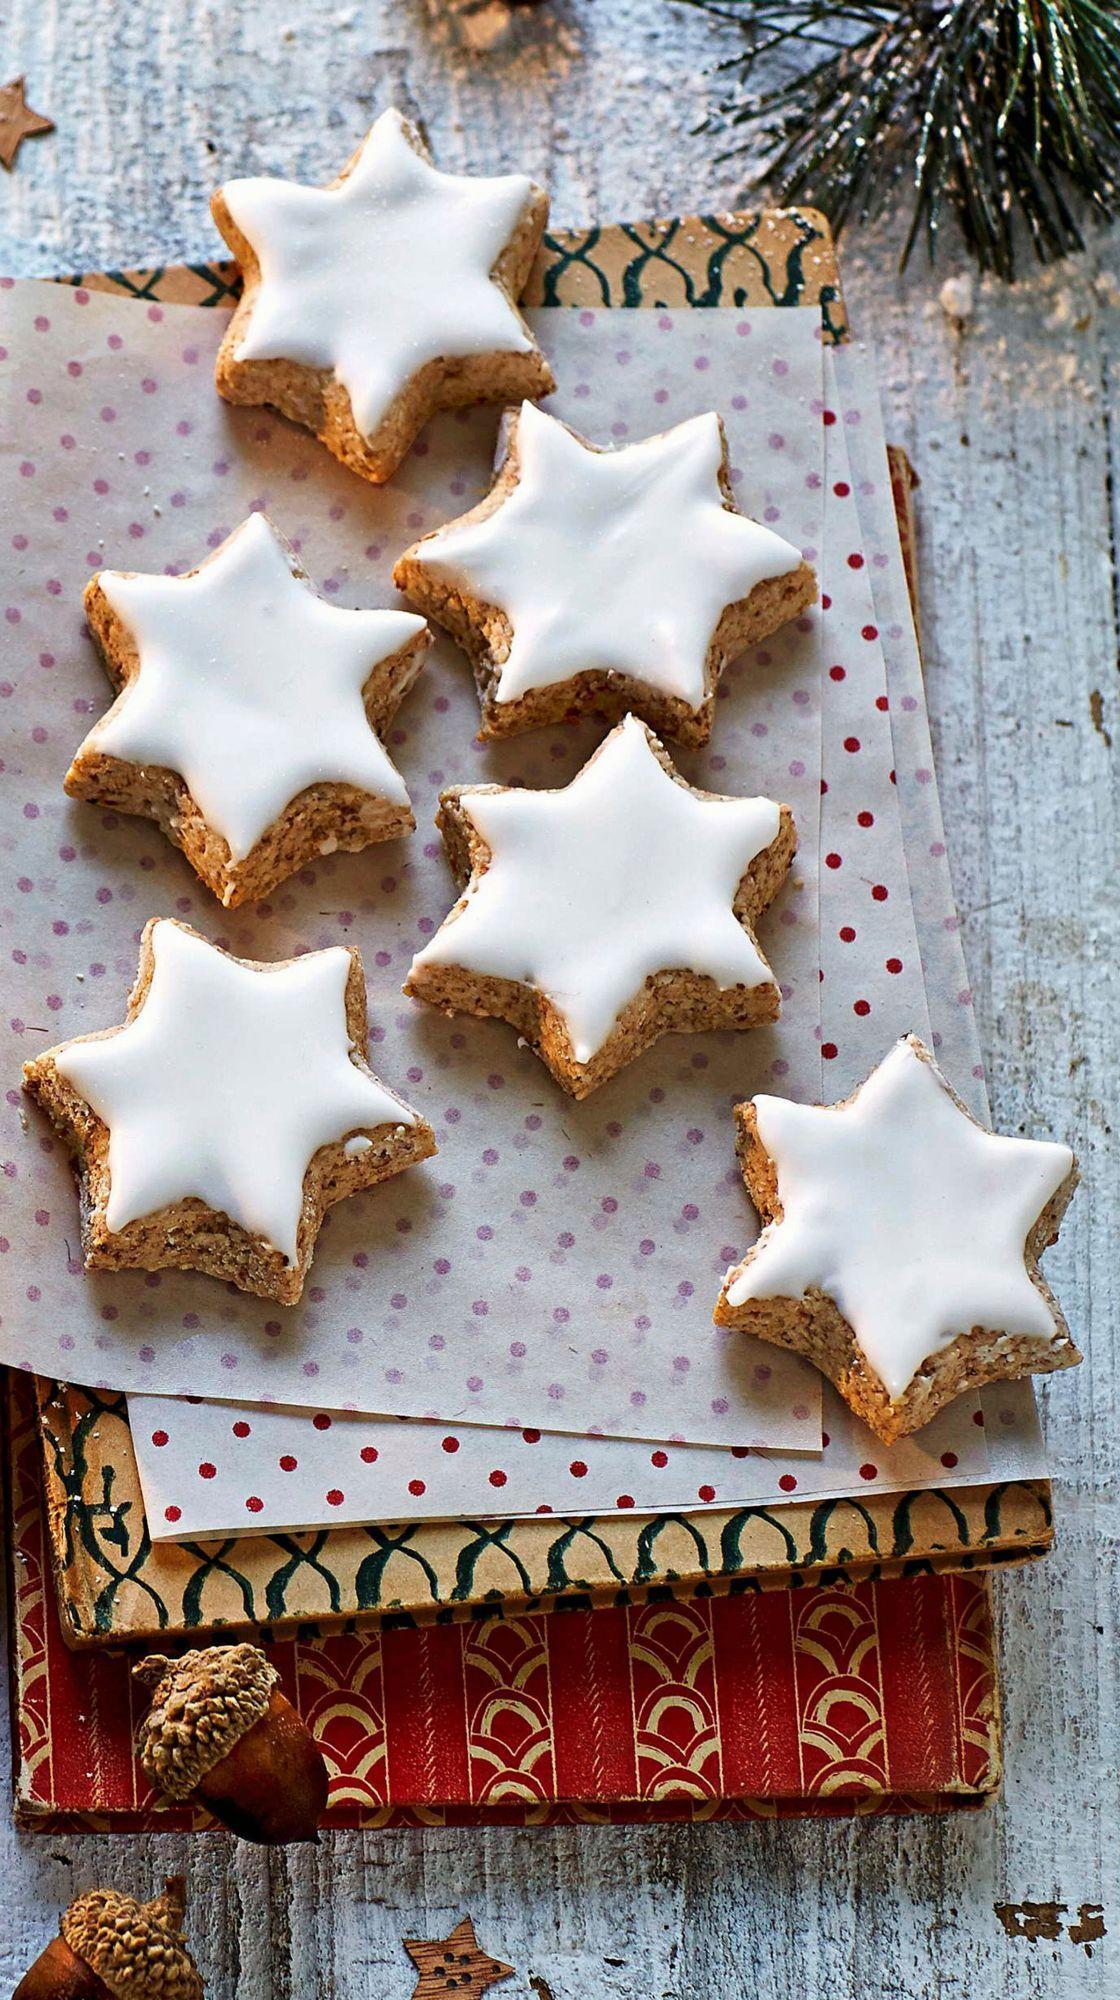 Sablés de noël à décorer : croissants à la vanille et étoiles à la cannelle #sabledenoel Sablés de noël à décorer : croissants à la vanille et étoiles à la cannelle : Femme Actuelle Le MAG #sabledenoel